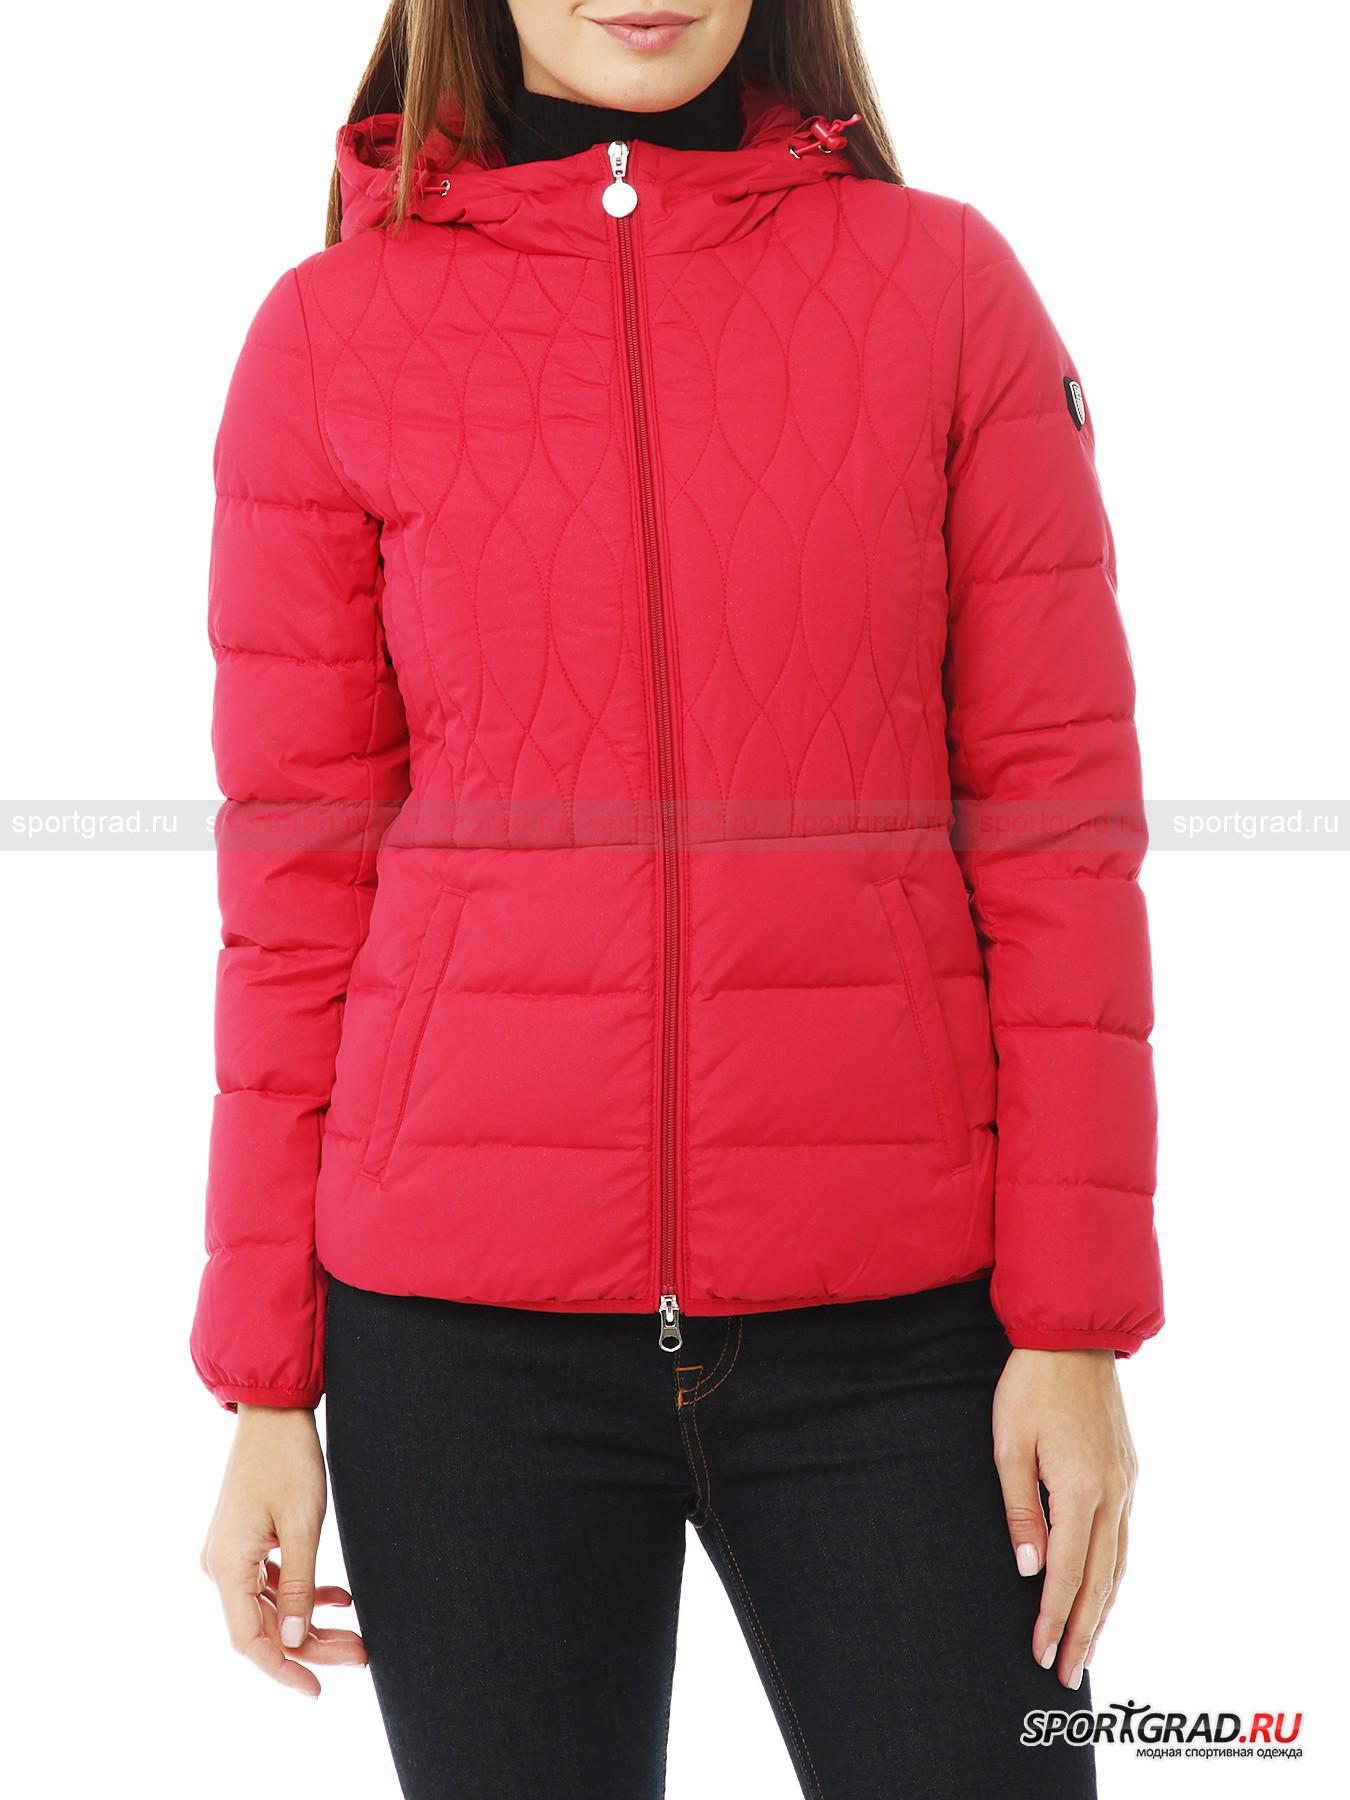 8828627fcf1d Куртка женская EA7 EMPORIO ARMANI. Загрузка изображения